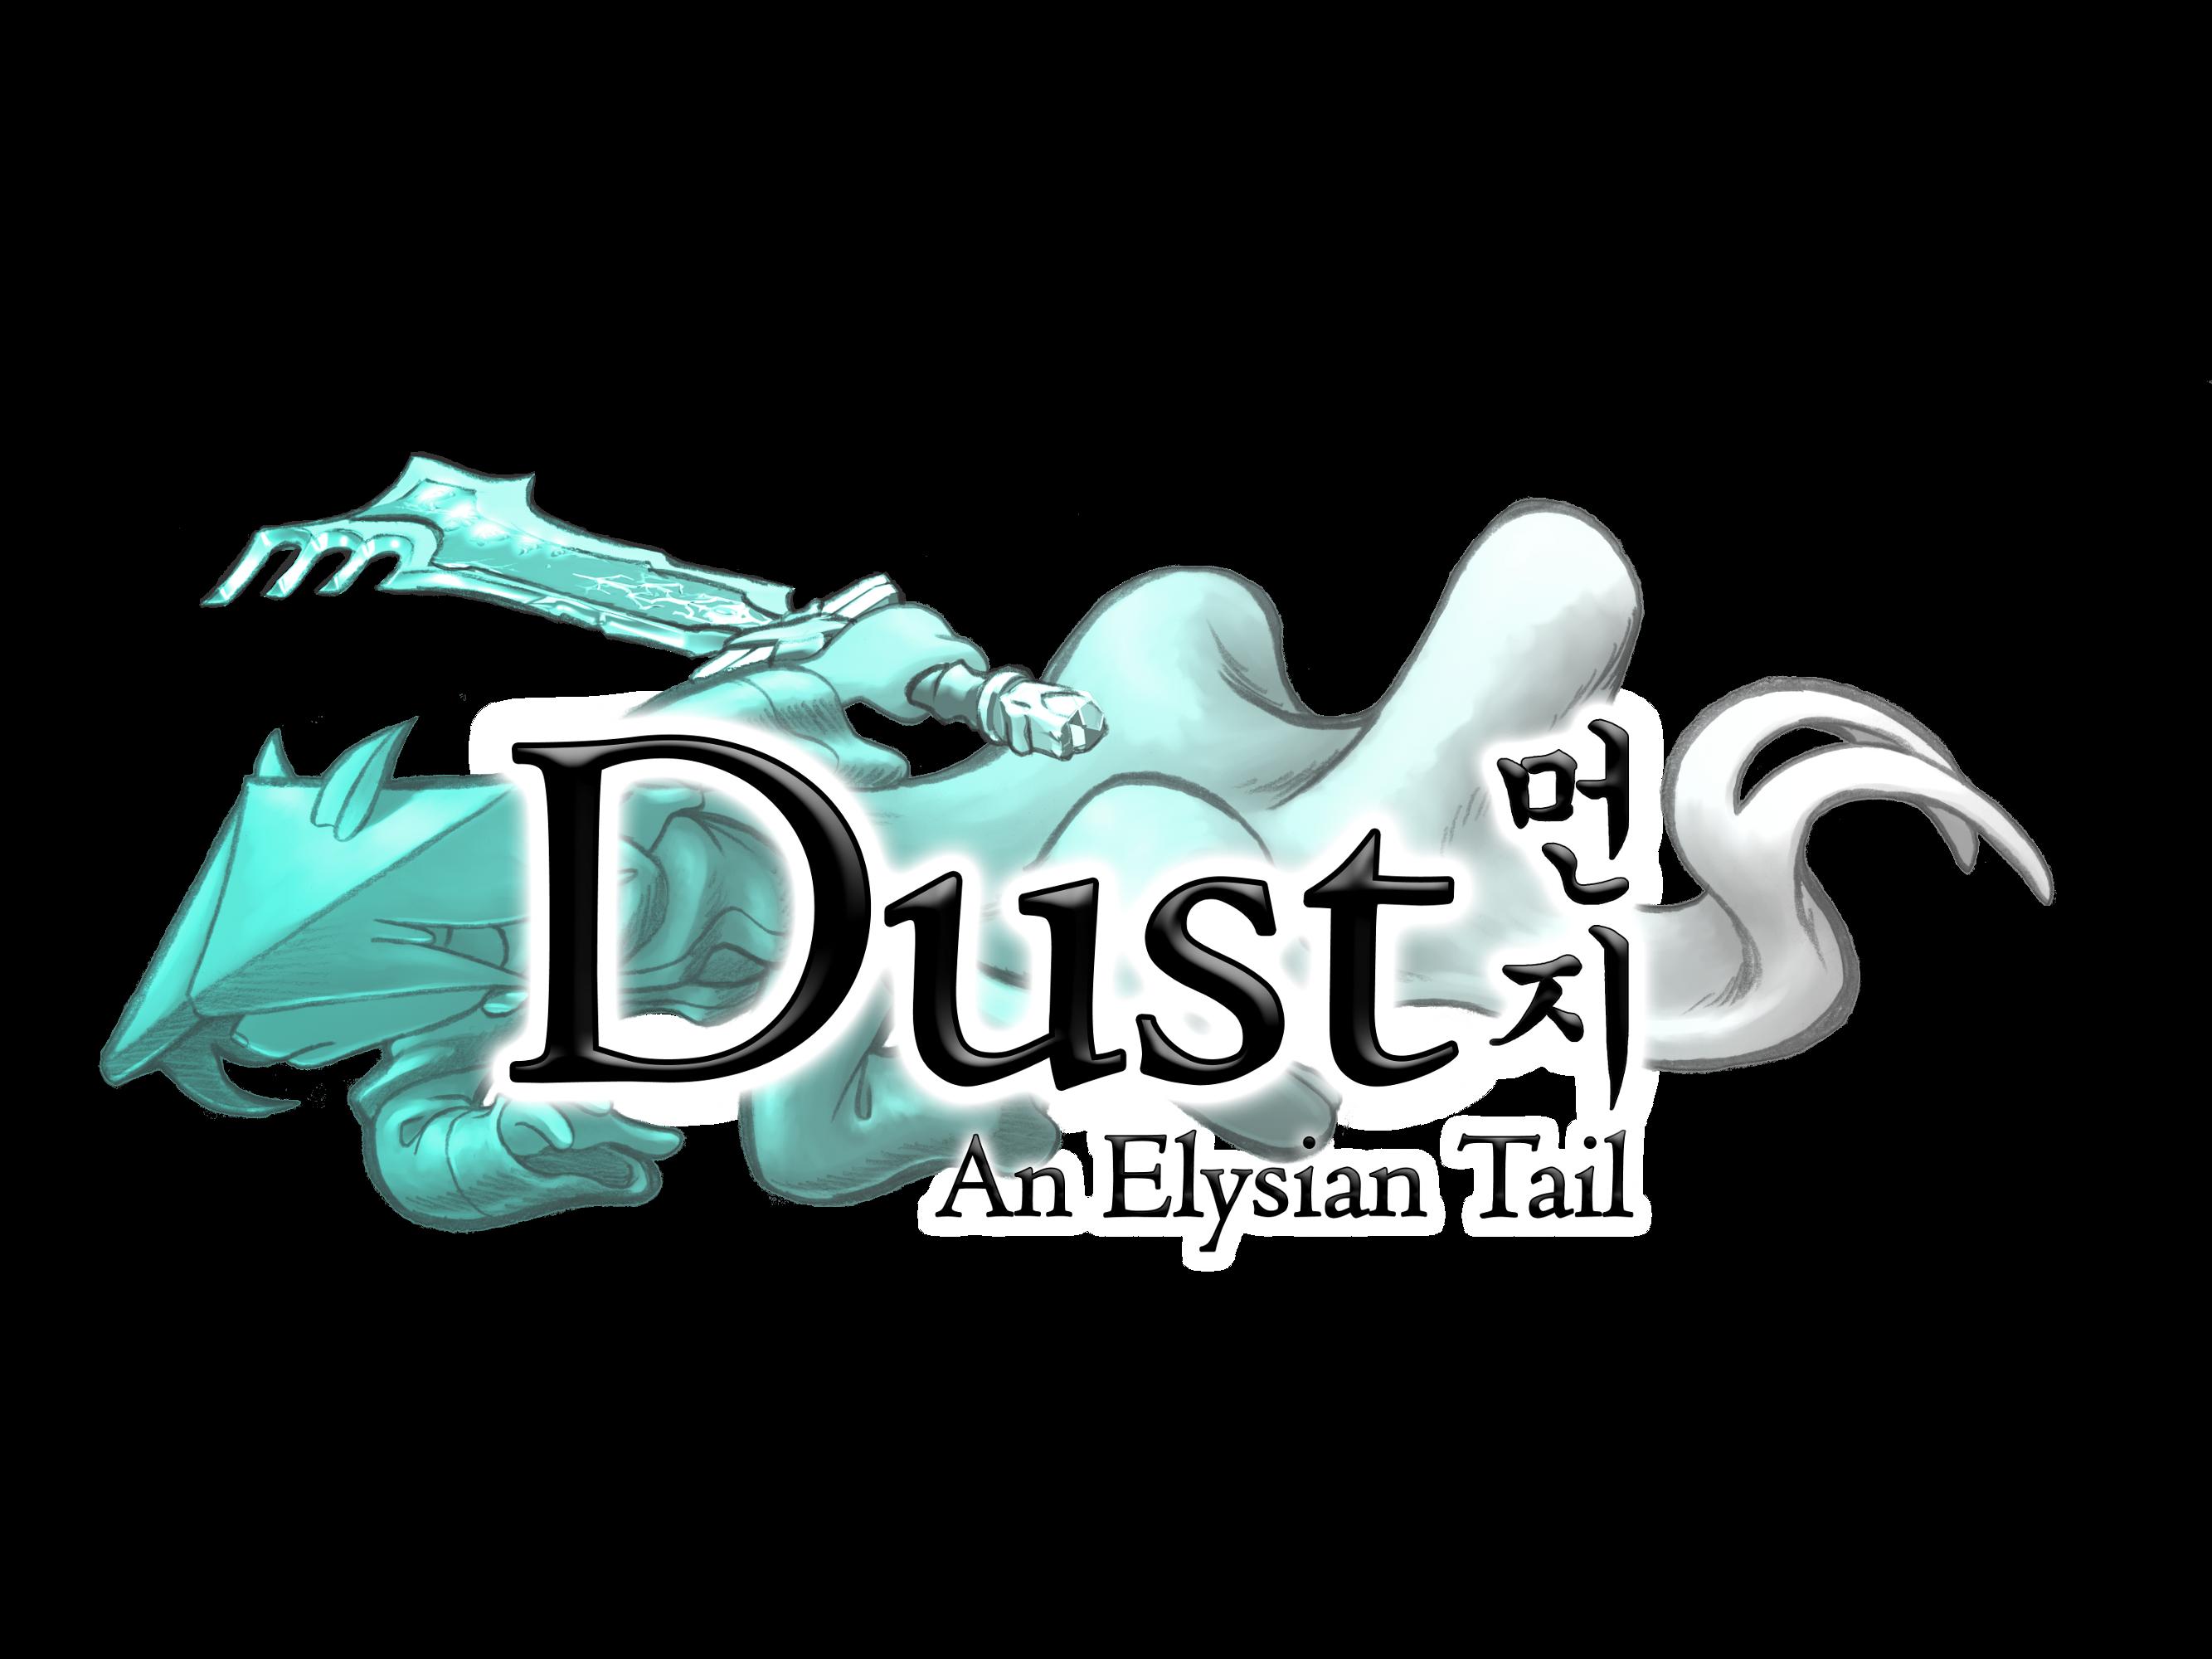 Dust clipart dust storm. An elysian tail xbla